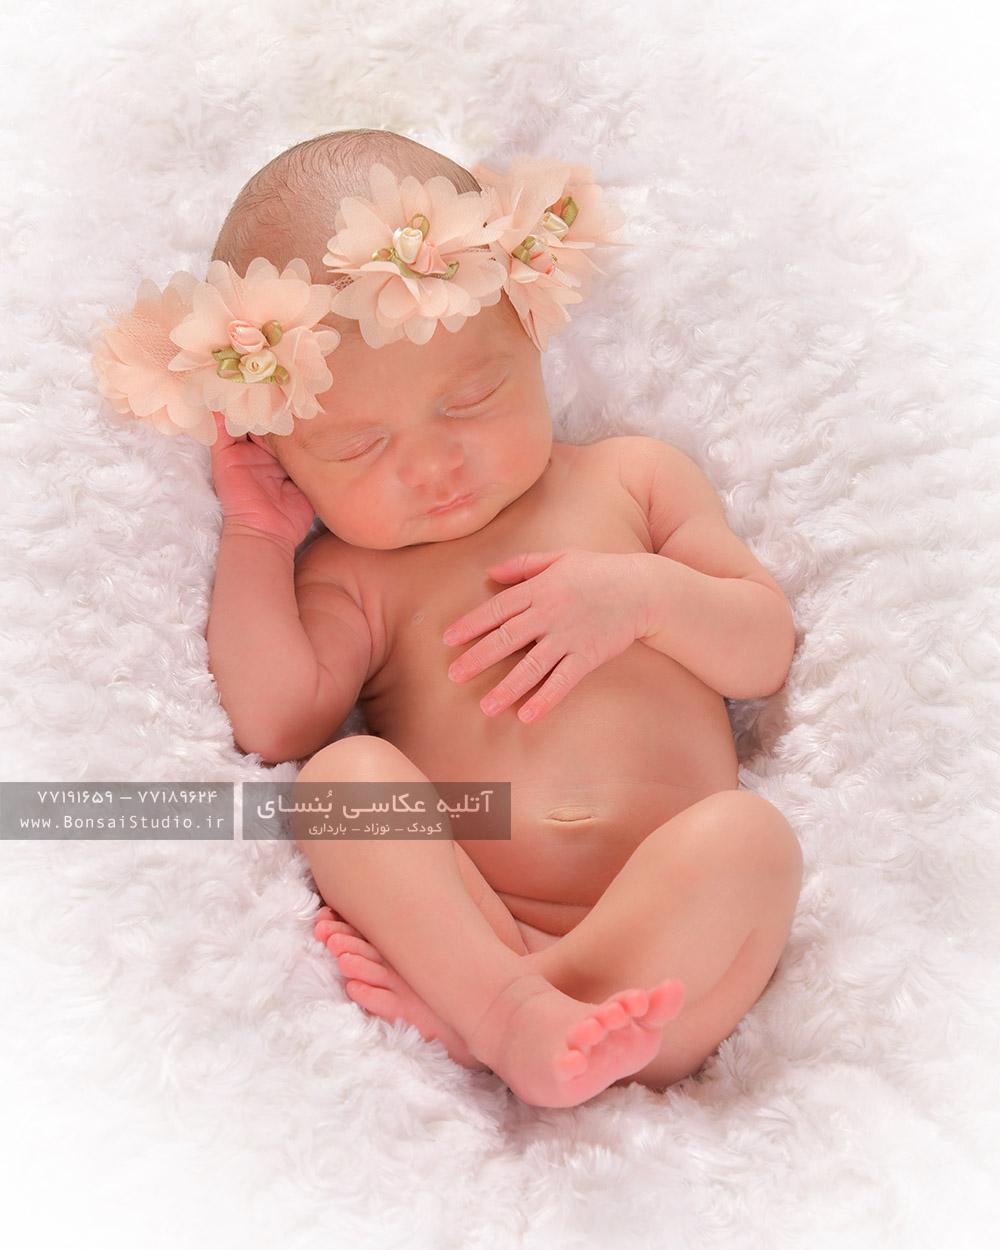 آتلیه کودک و بهترین روش برای عکاسی کودک